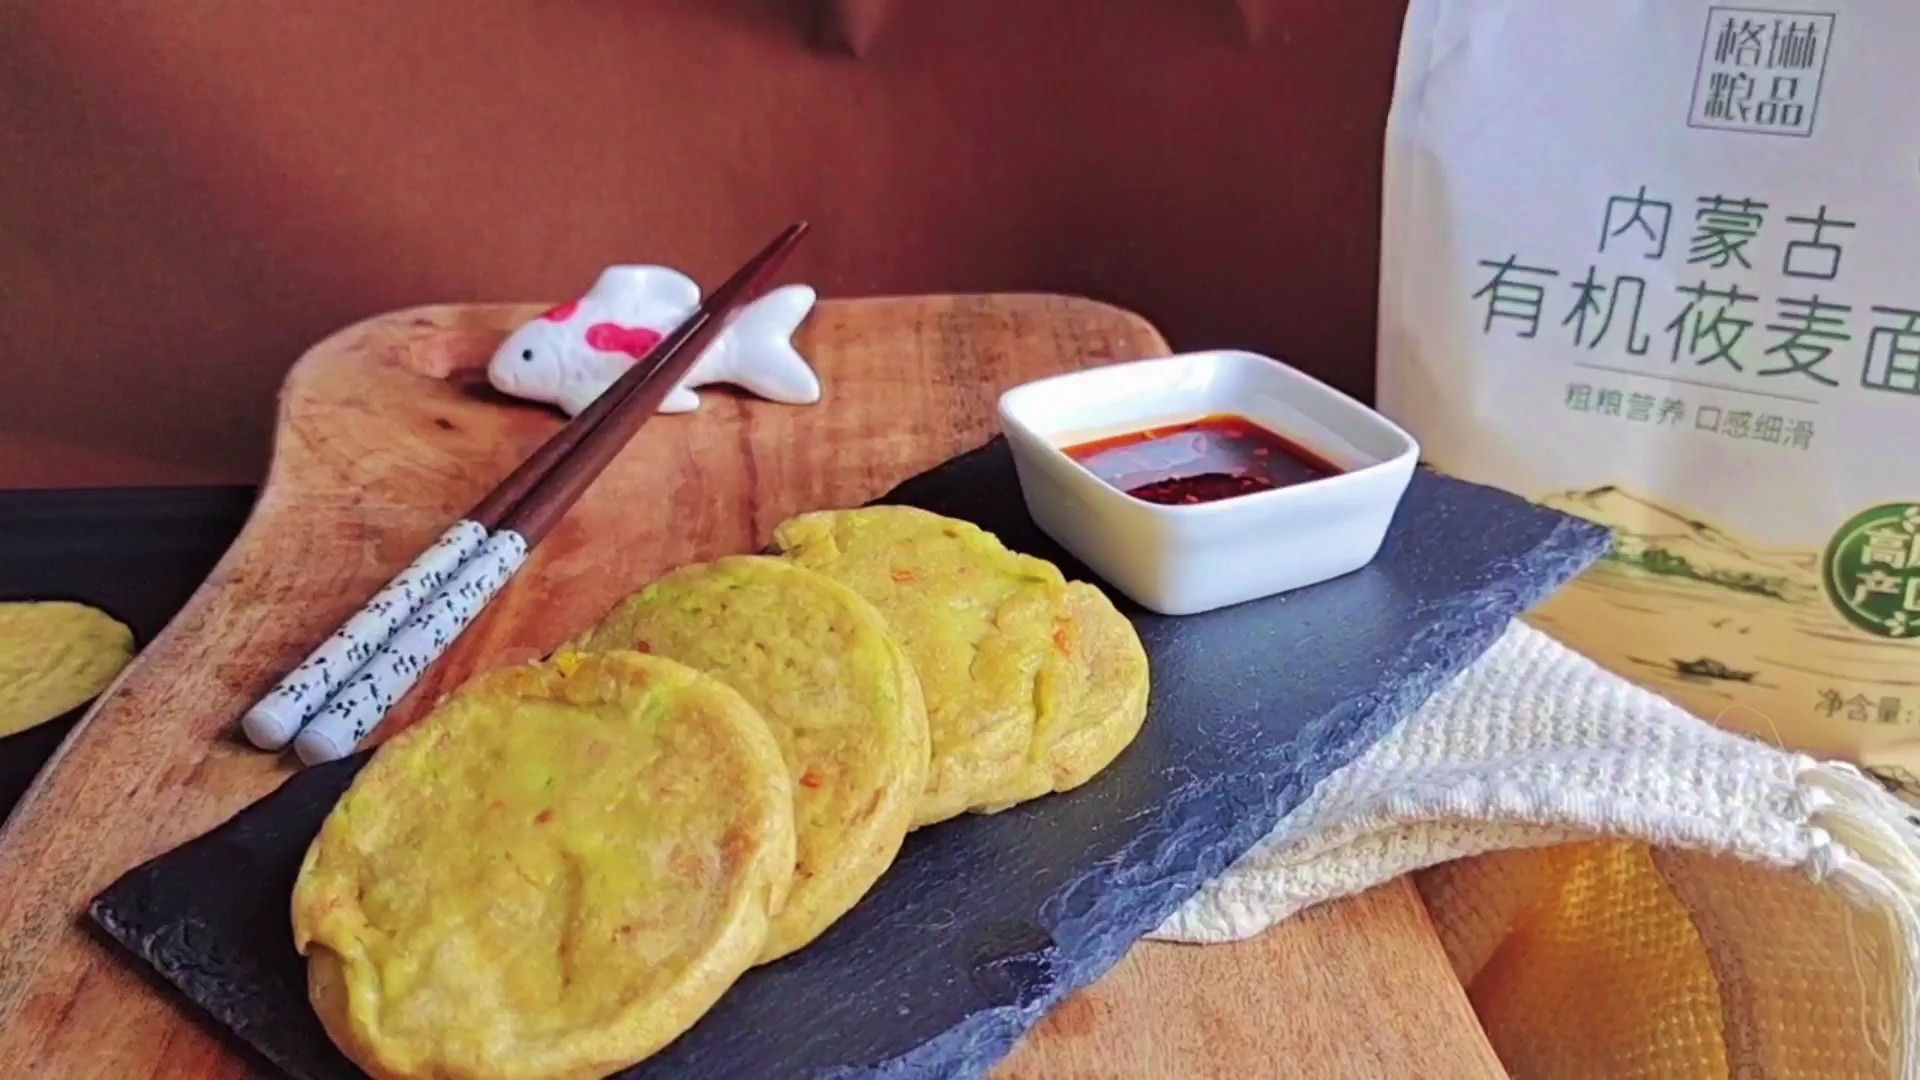 10分钟快手早餐,简单营养无负担:蔬菜莜麦早餐饼的做法